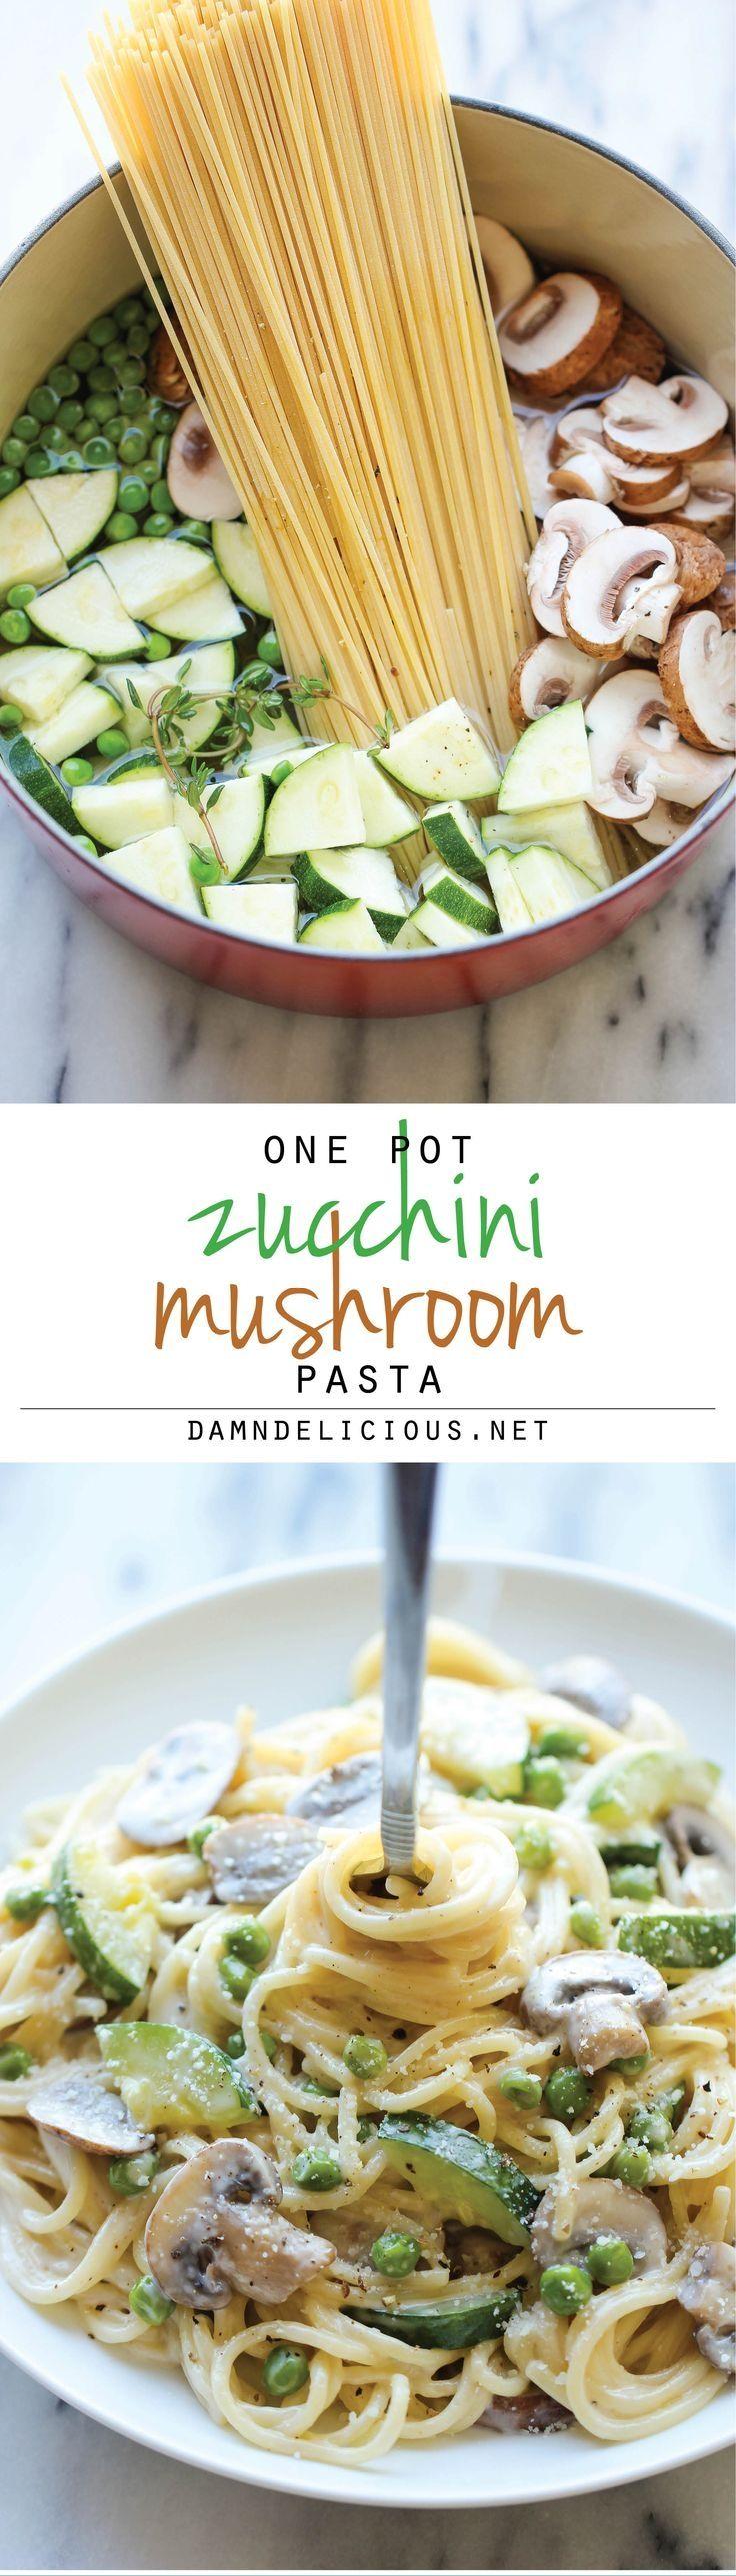 One Pot Zucchini Mushroom Pasta sub vegan parm and coconut cream instead of heavy cream!